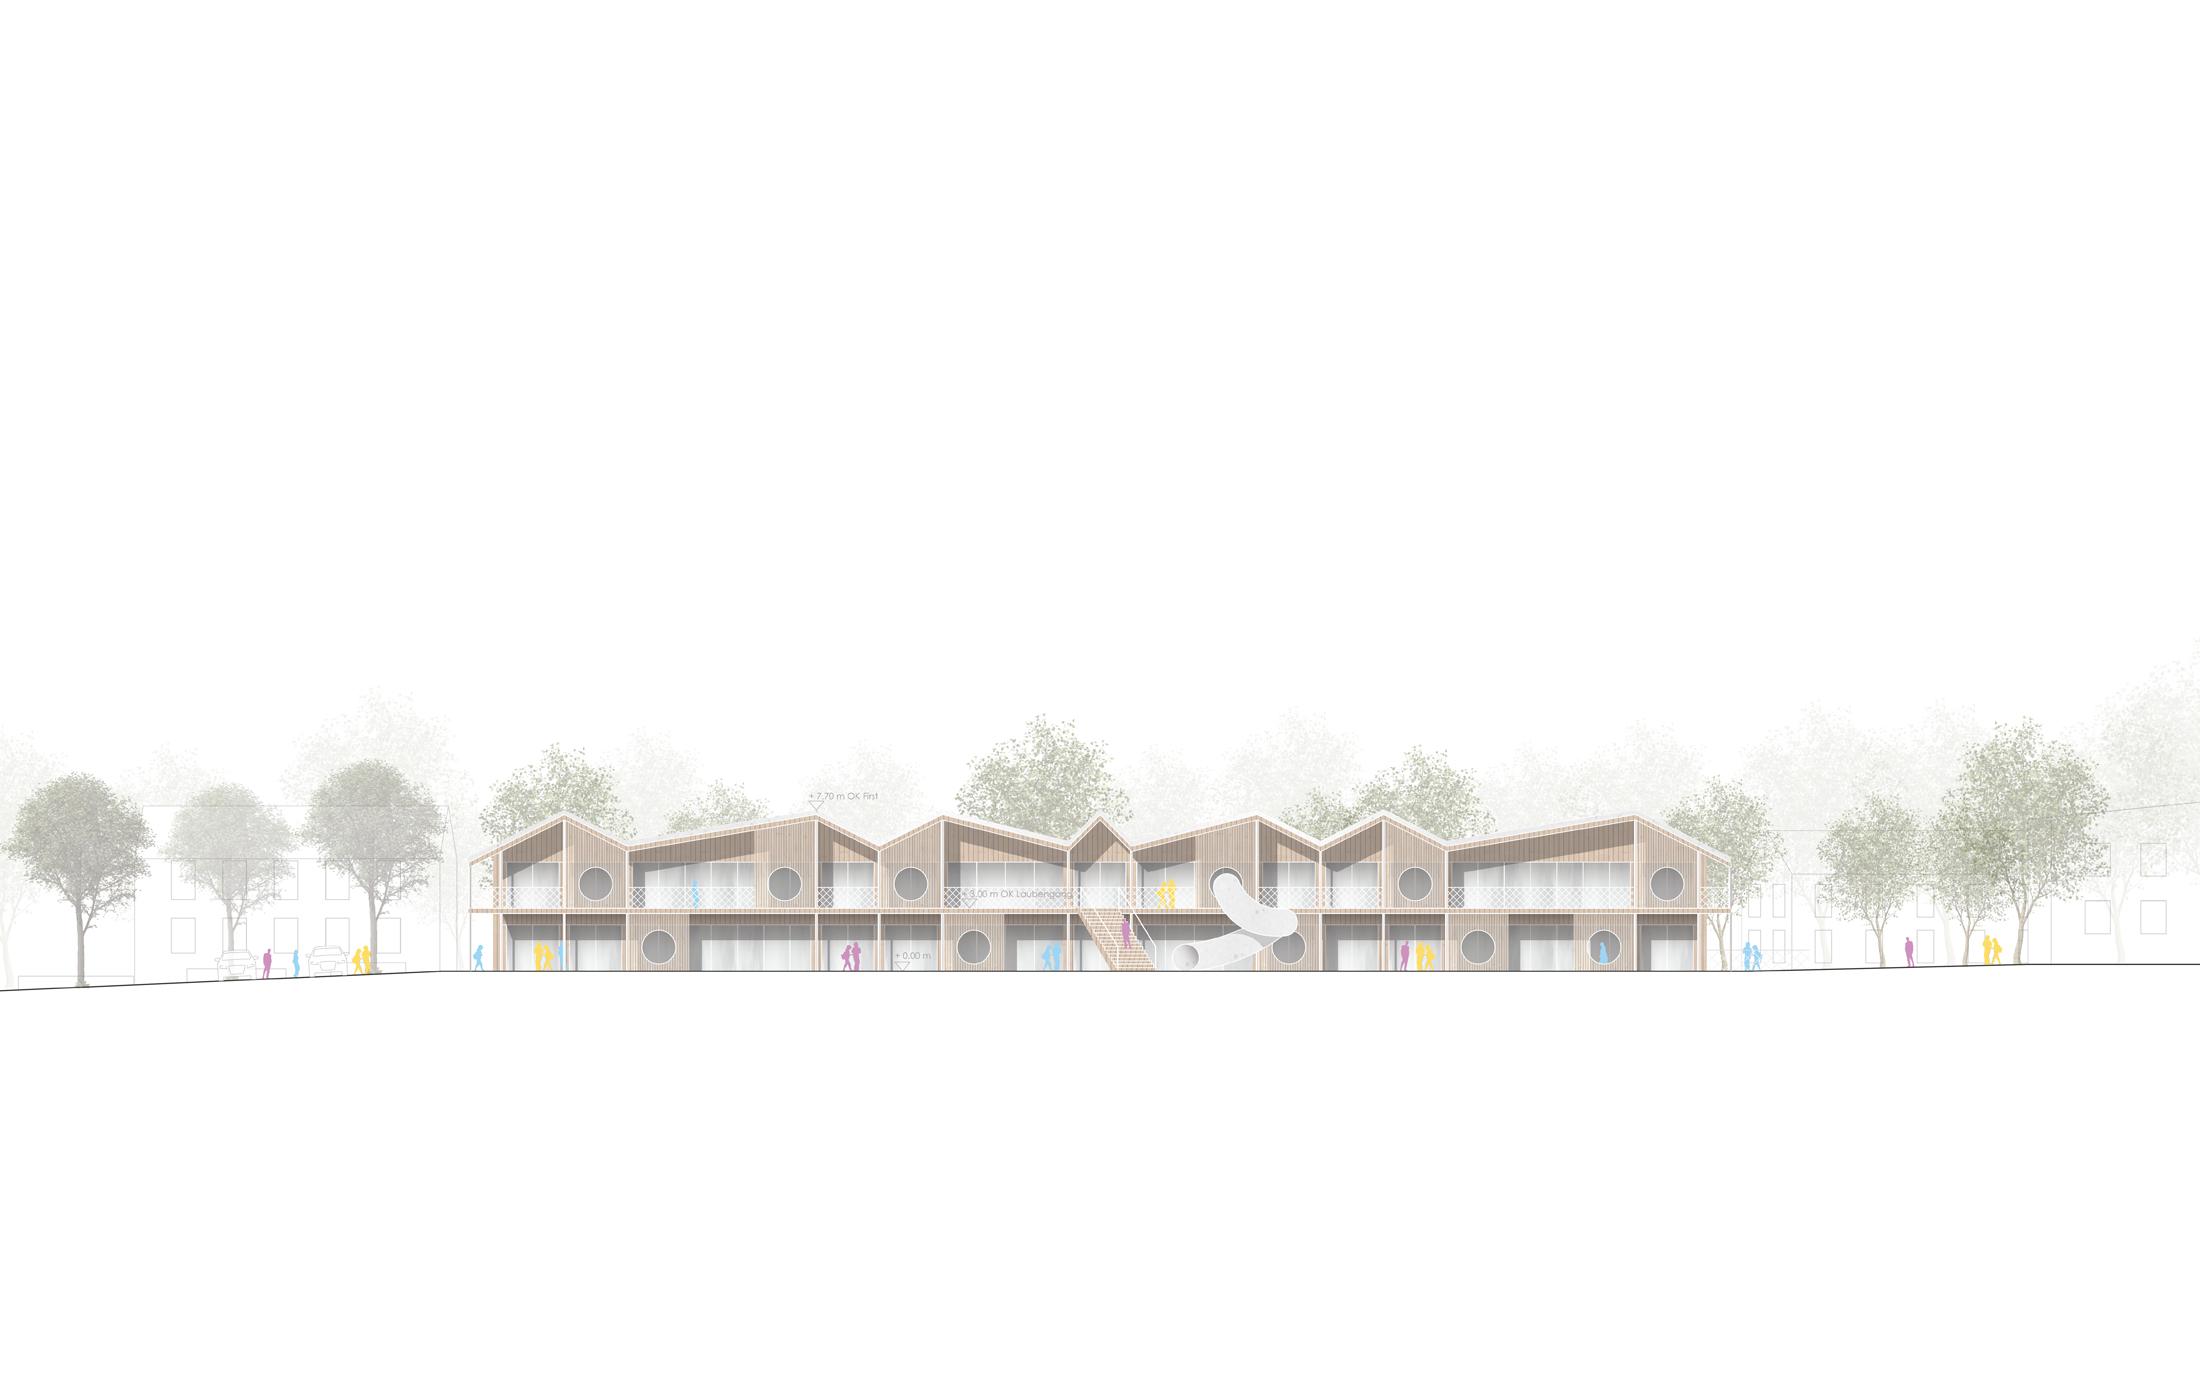 2021, Wettbewerb Neubau Kindergarten, Dunningen-Seedorf